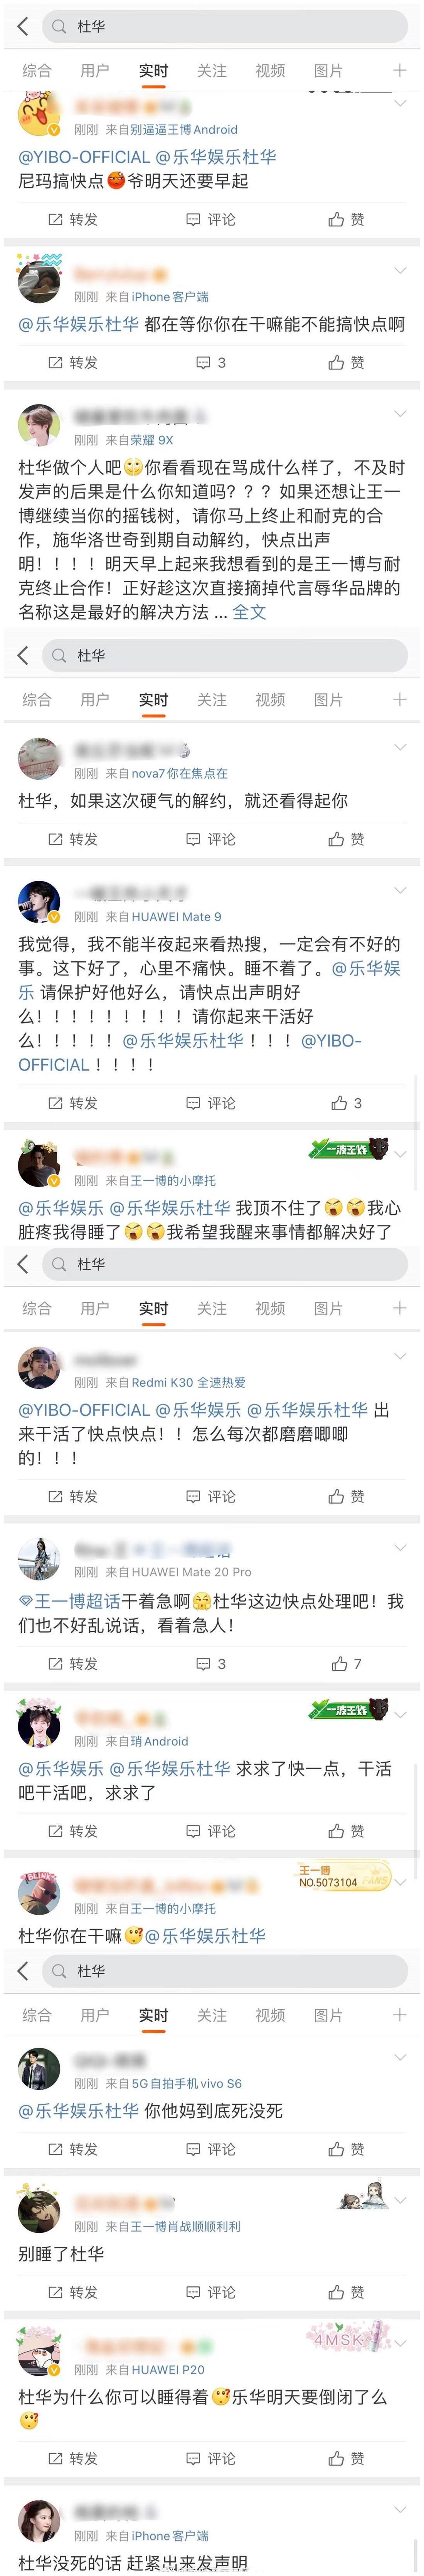 樂華娛樂宣佈王一博終止與耐克的一切合作!與黃軒、宋茜有何不同-圖3